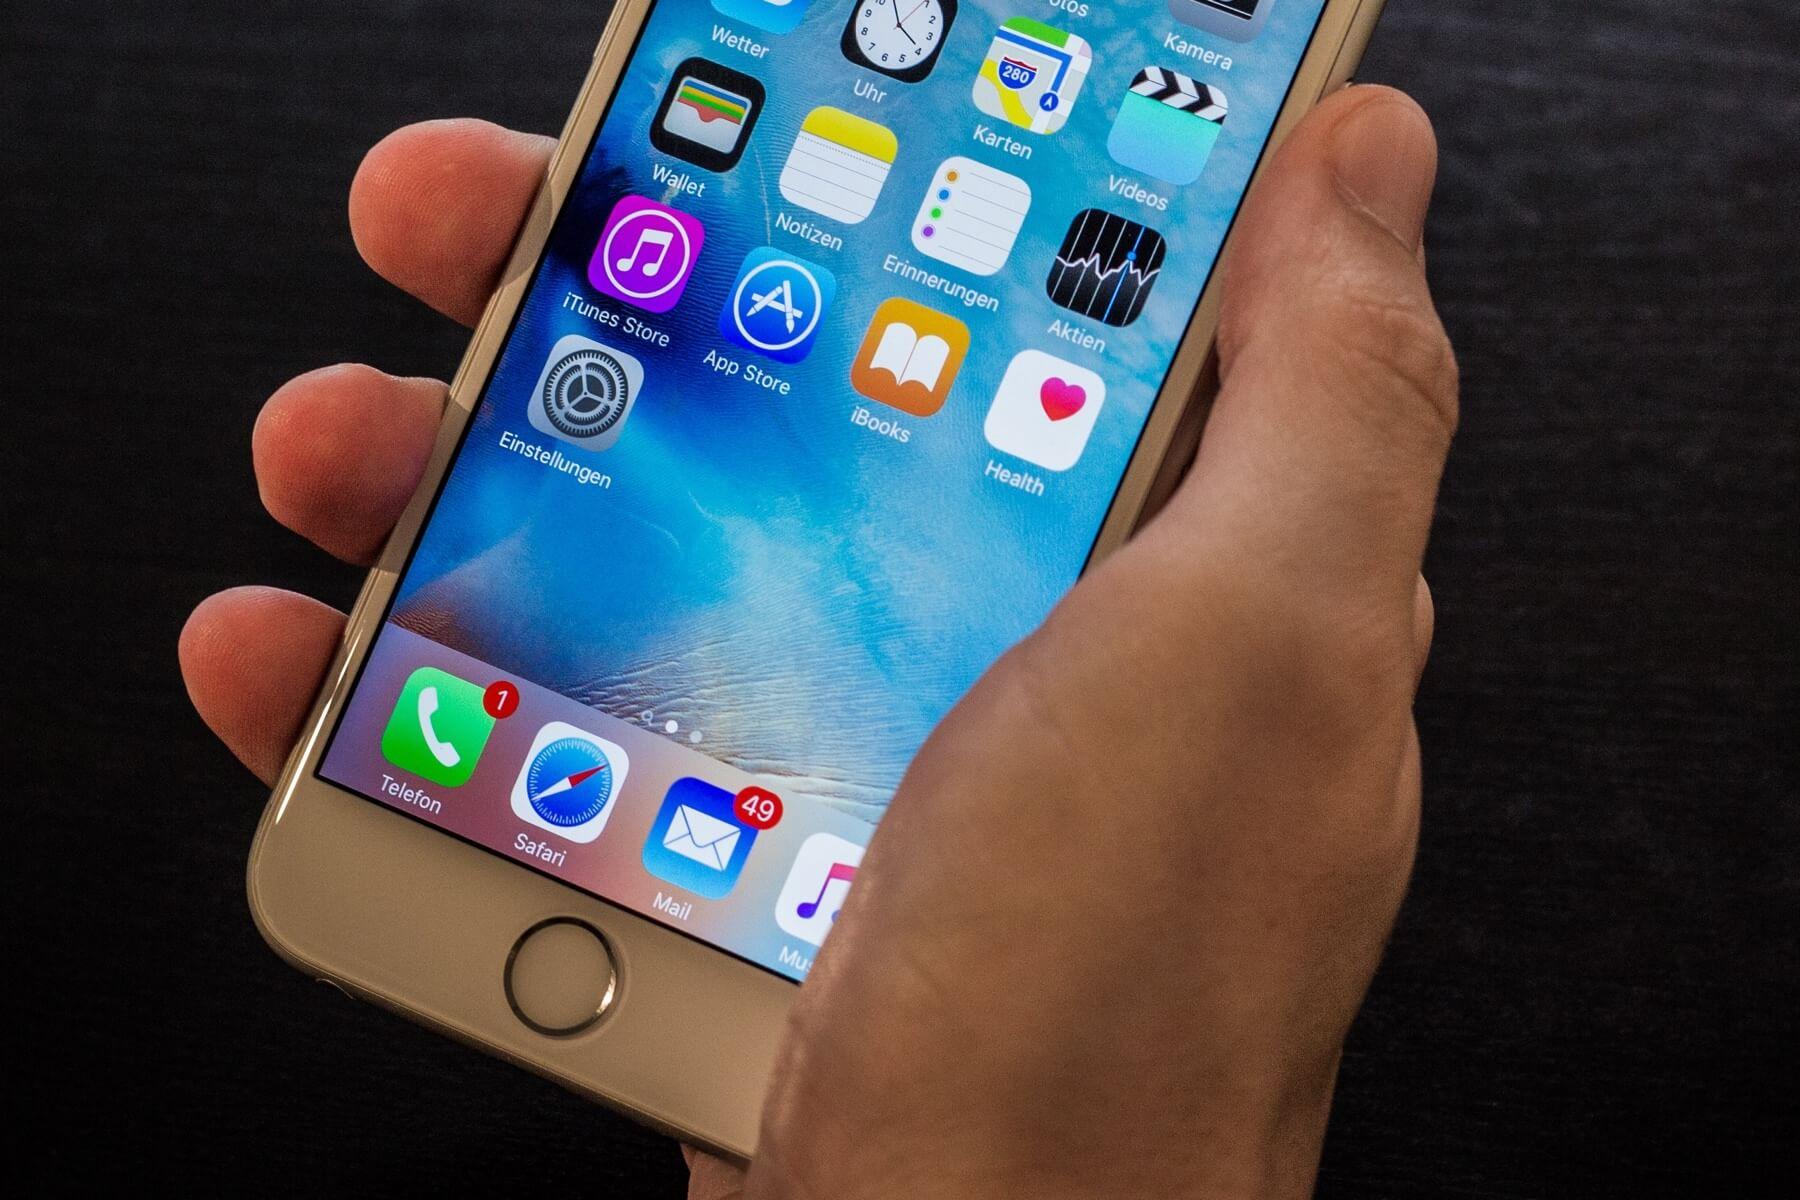 В сети появились первые живые фотографии iPhone 7